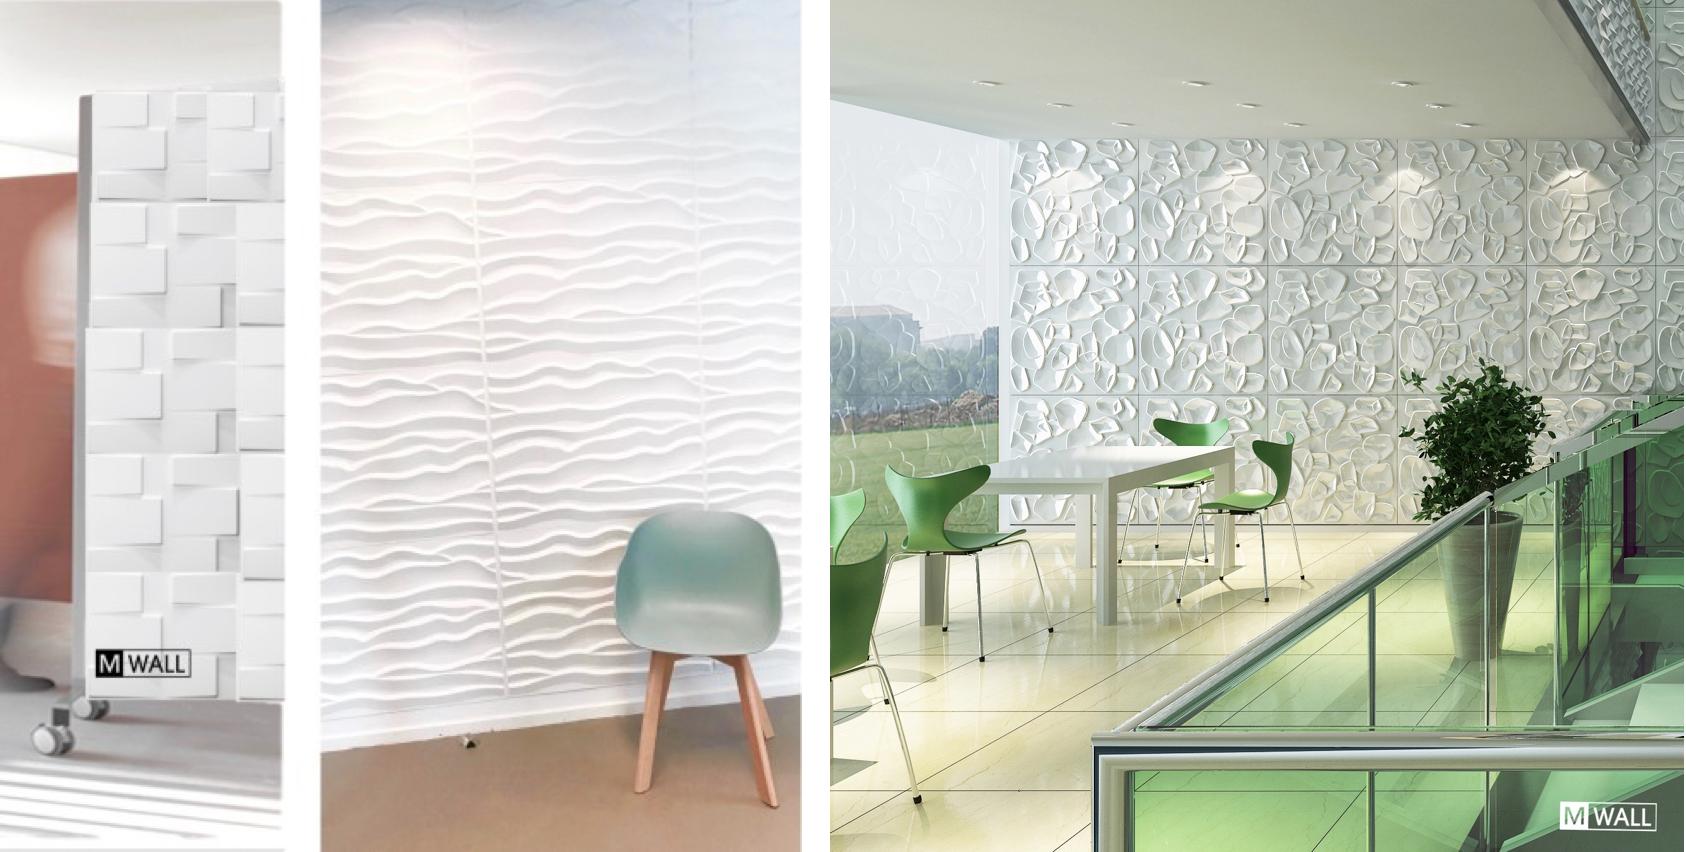 Wandpanelen kantoor mwall specialist in decoratieve design d